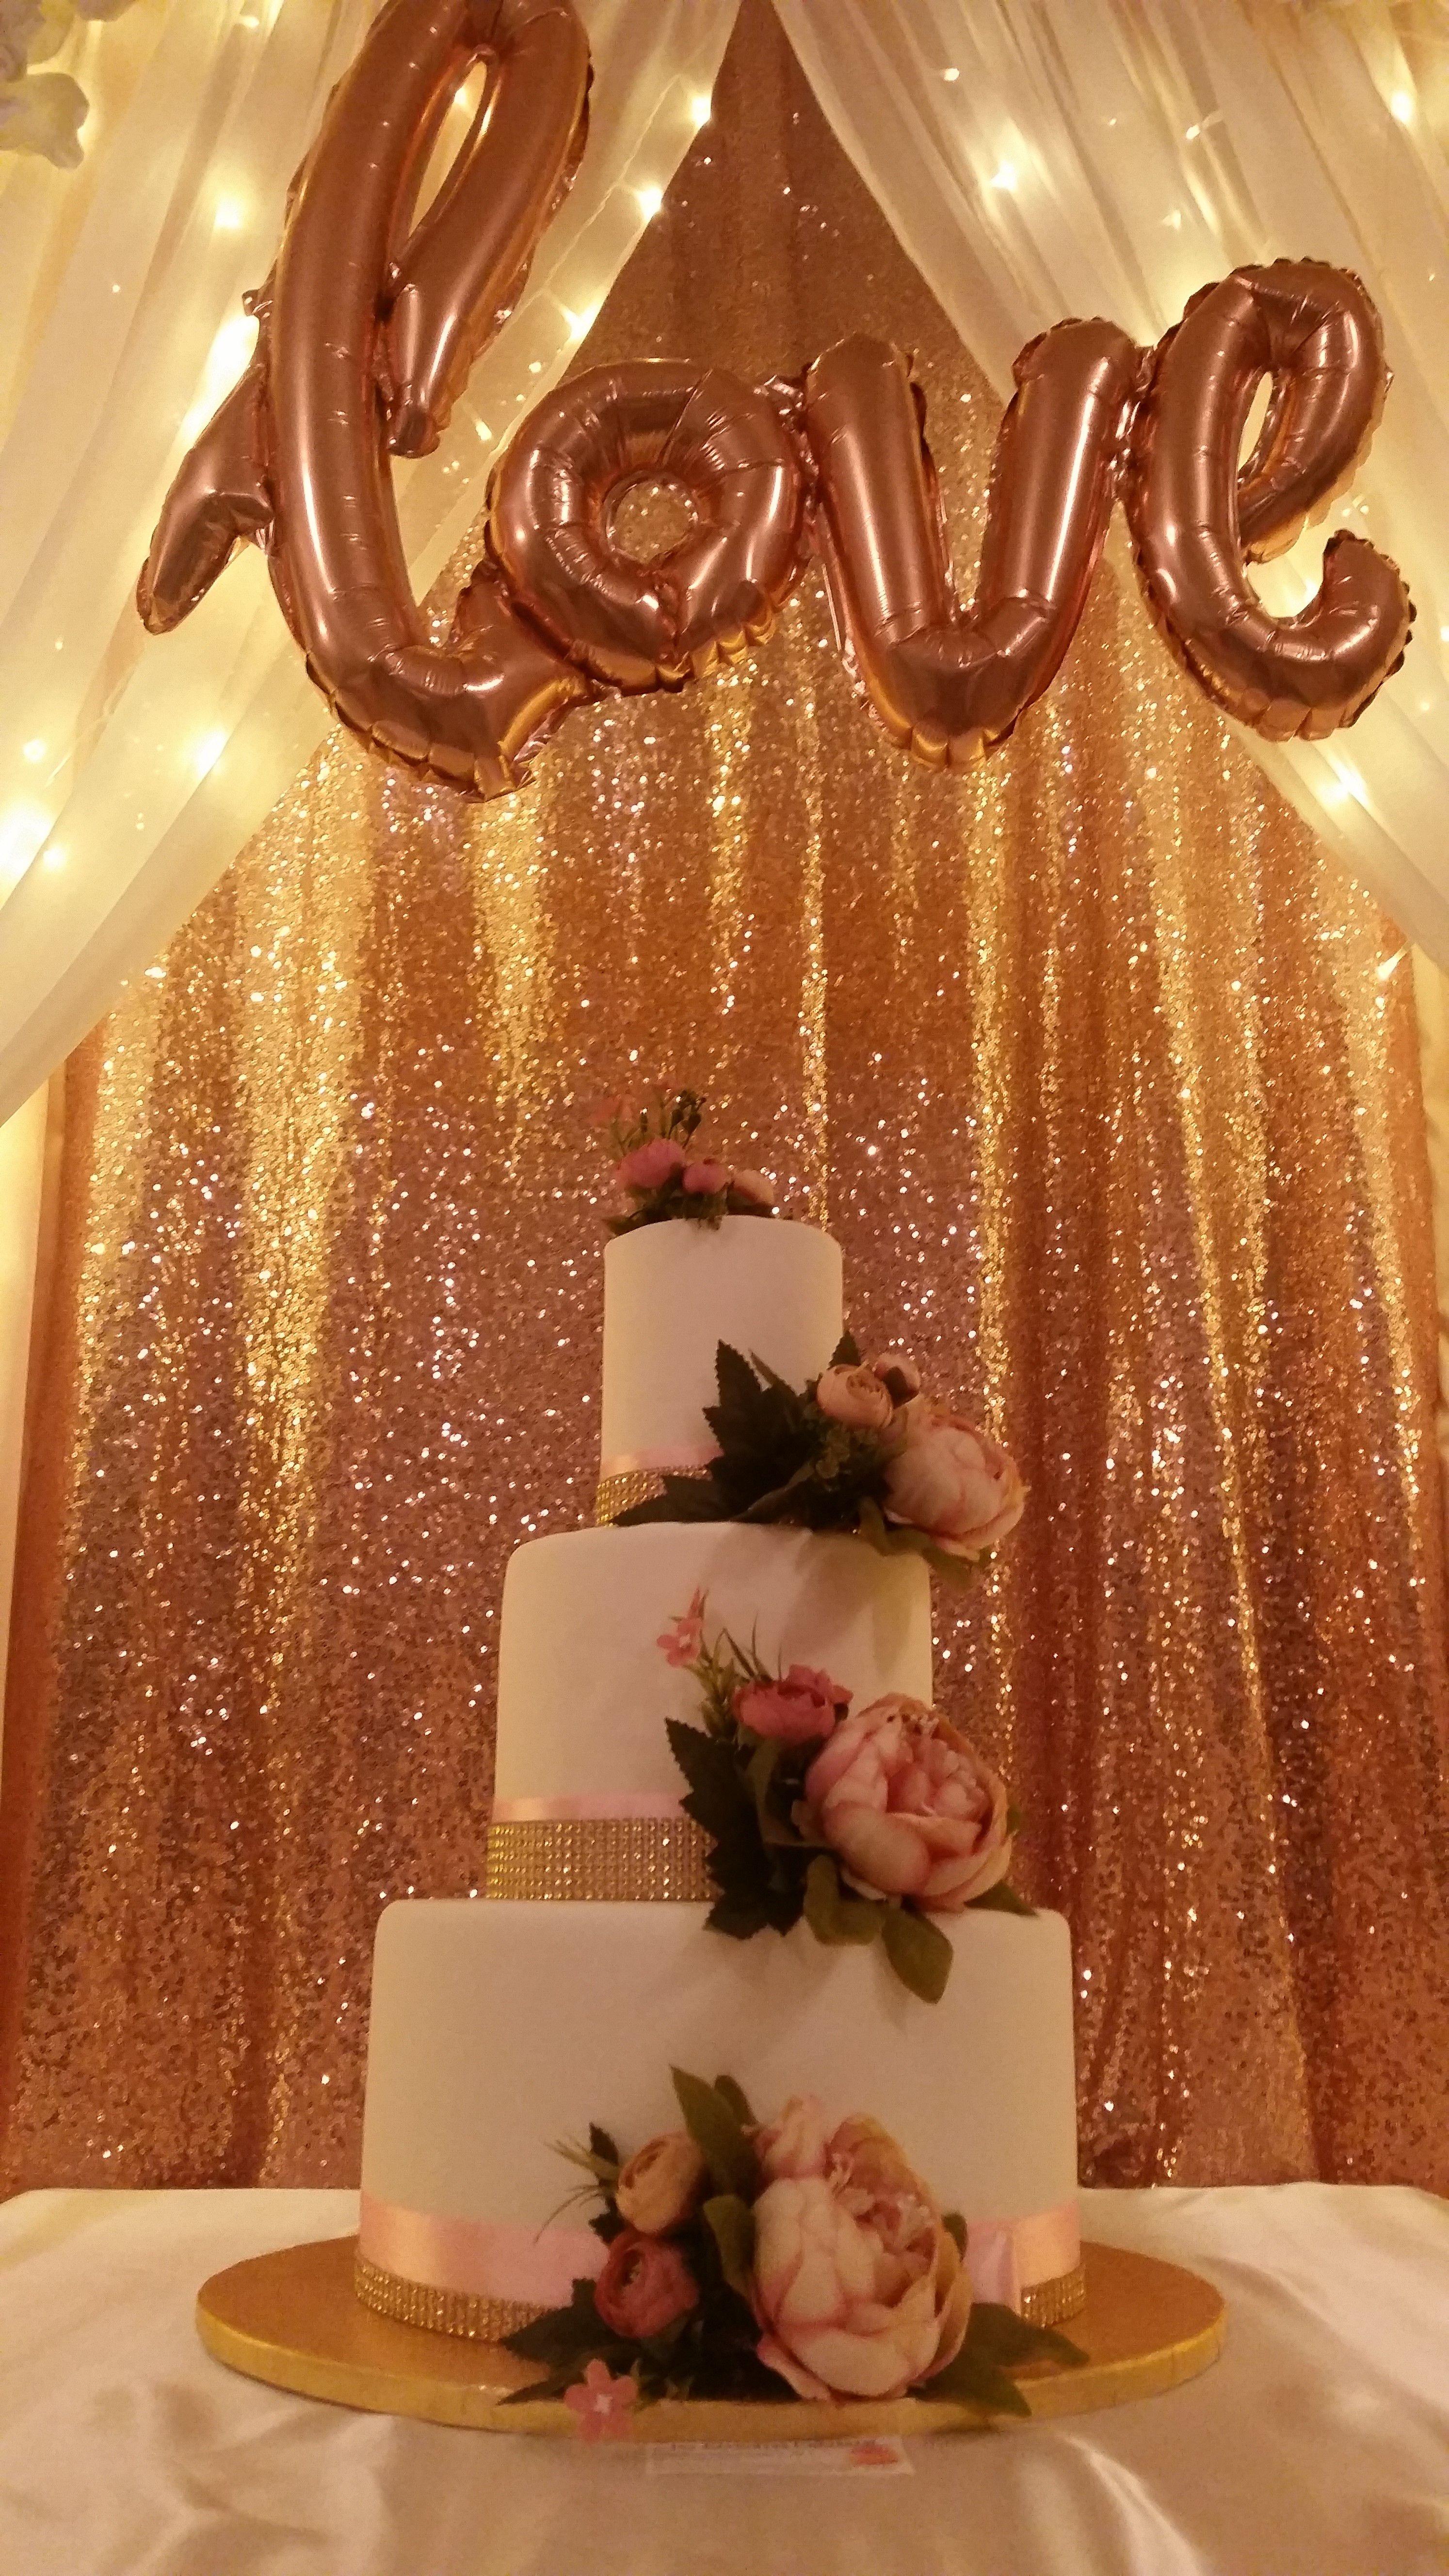 esküvői torta feliratok Rosegold háttér, felirat és torta. Tökéletes összhangban. / Joy  esküvői torta feliratok